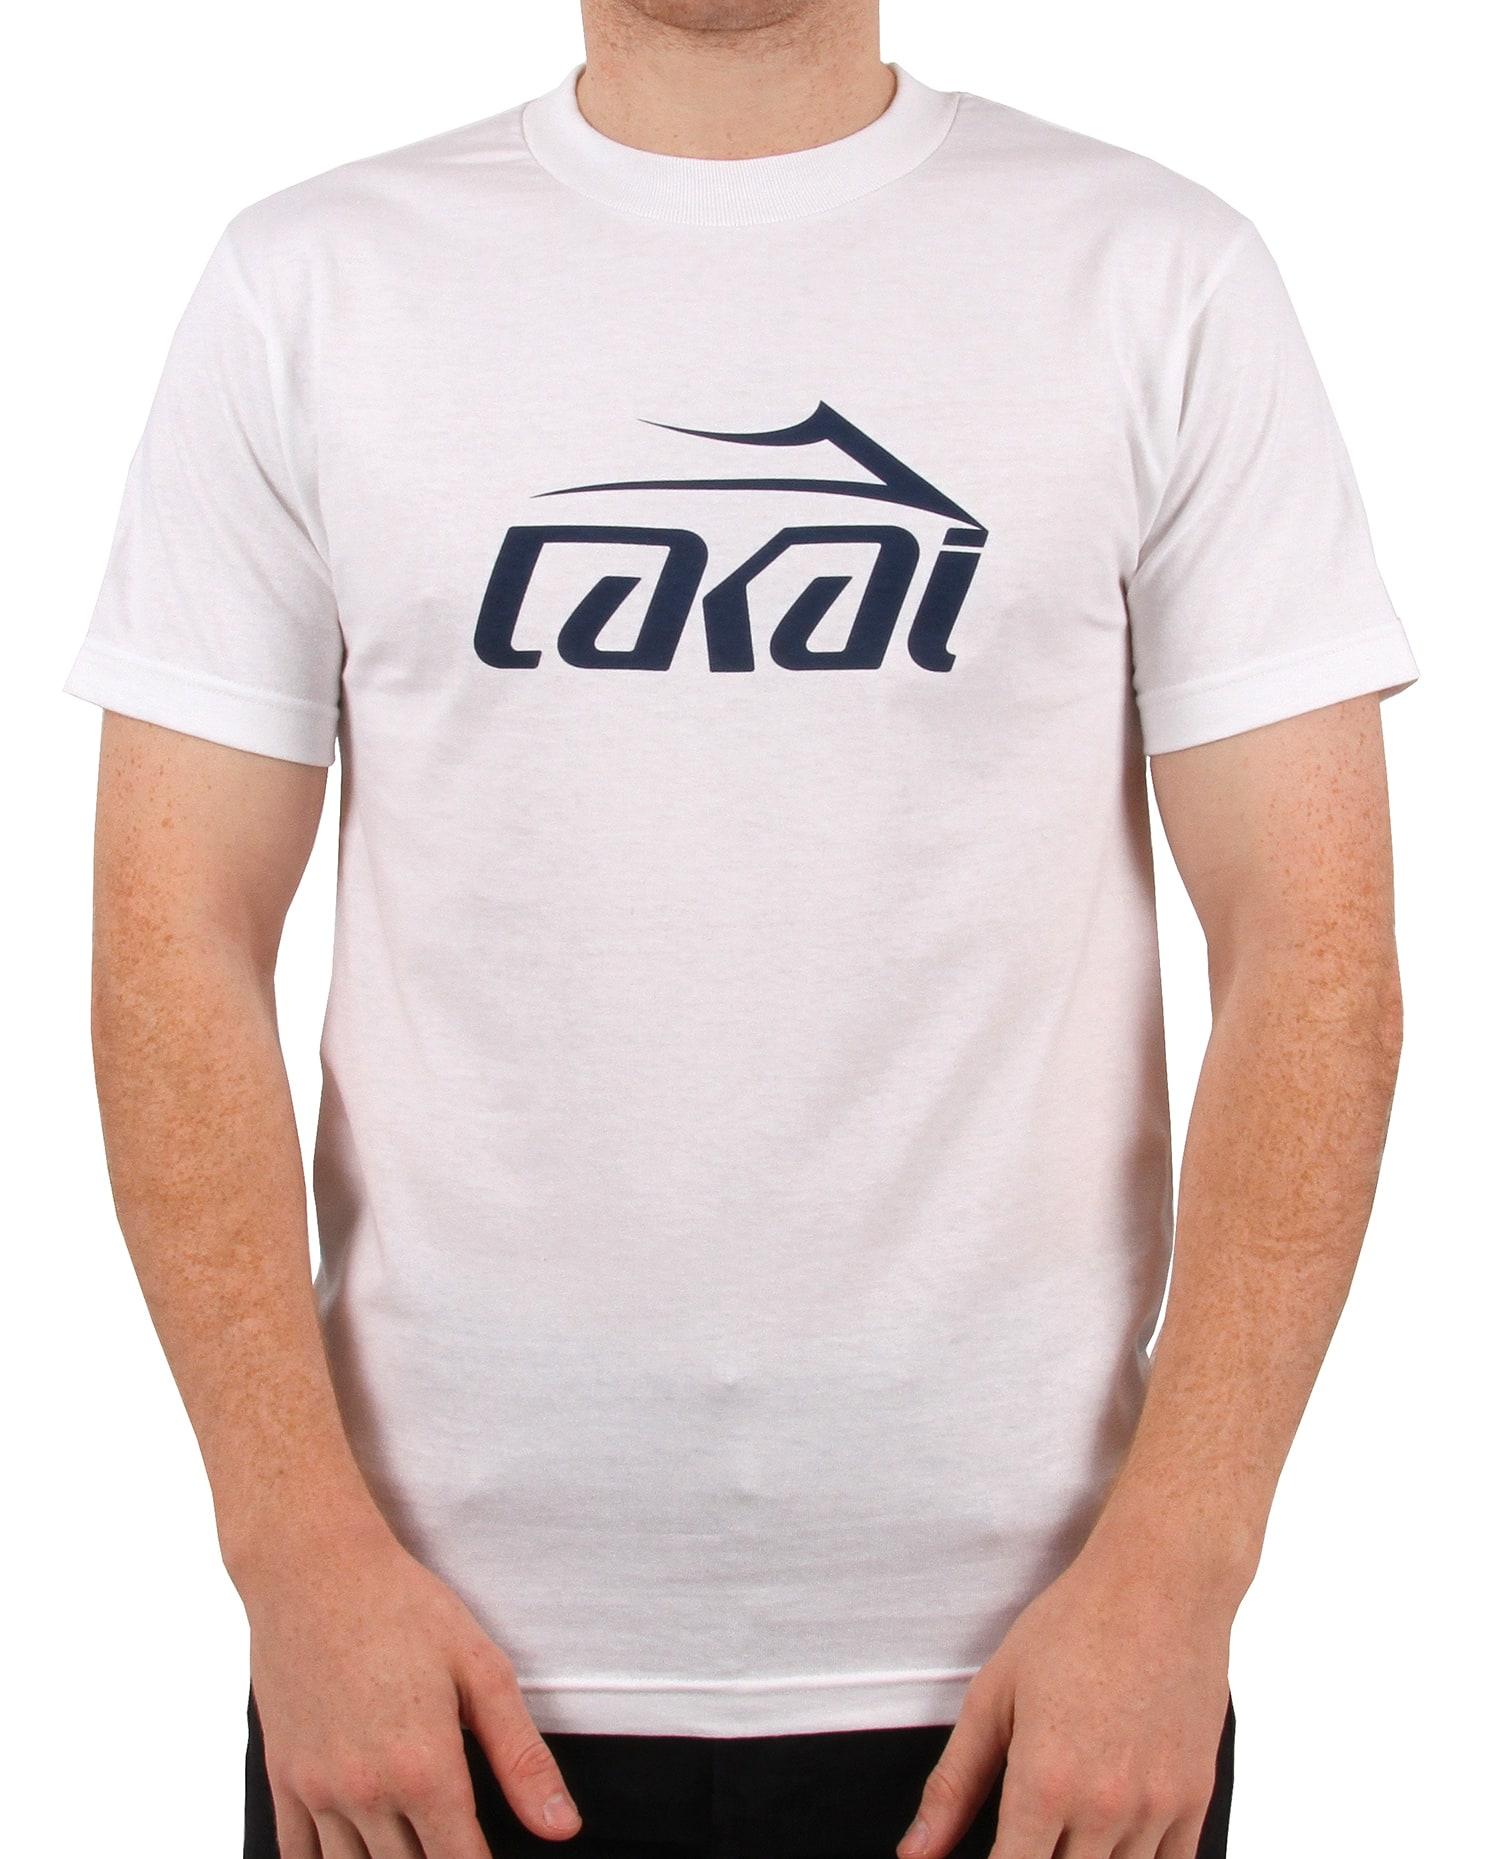 9002af57c9 Lakai Basic T Shirt - White - Christmas Toys